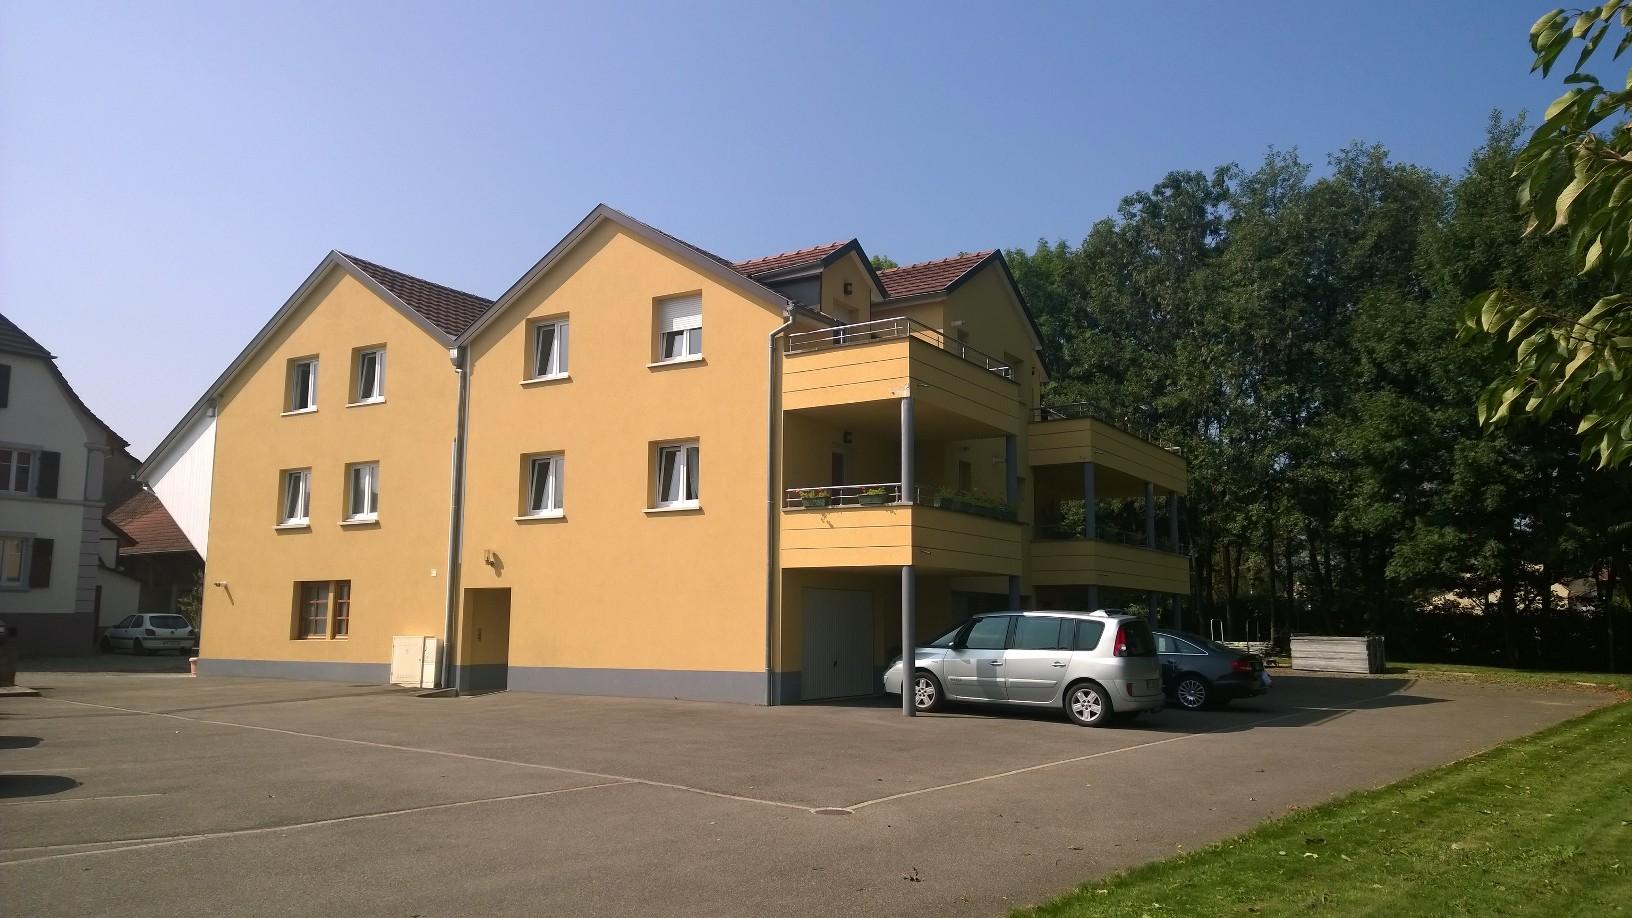 Travaux de ma onnerie r novation immobili re wittenheim for Architecte d interieur mulhouse